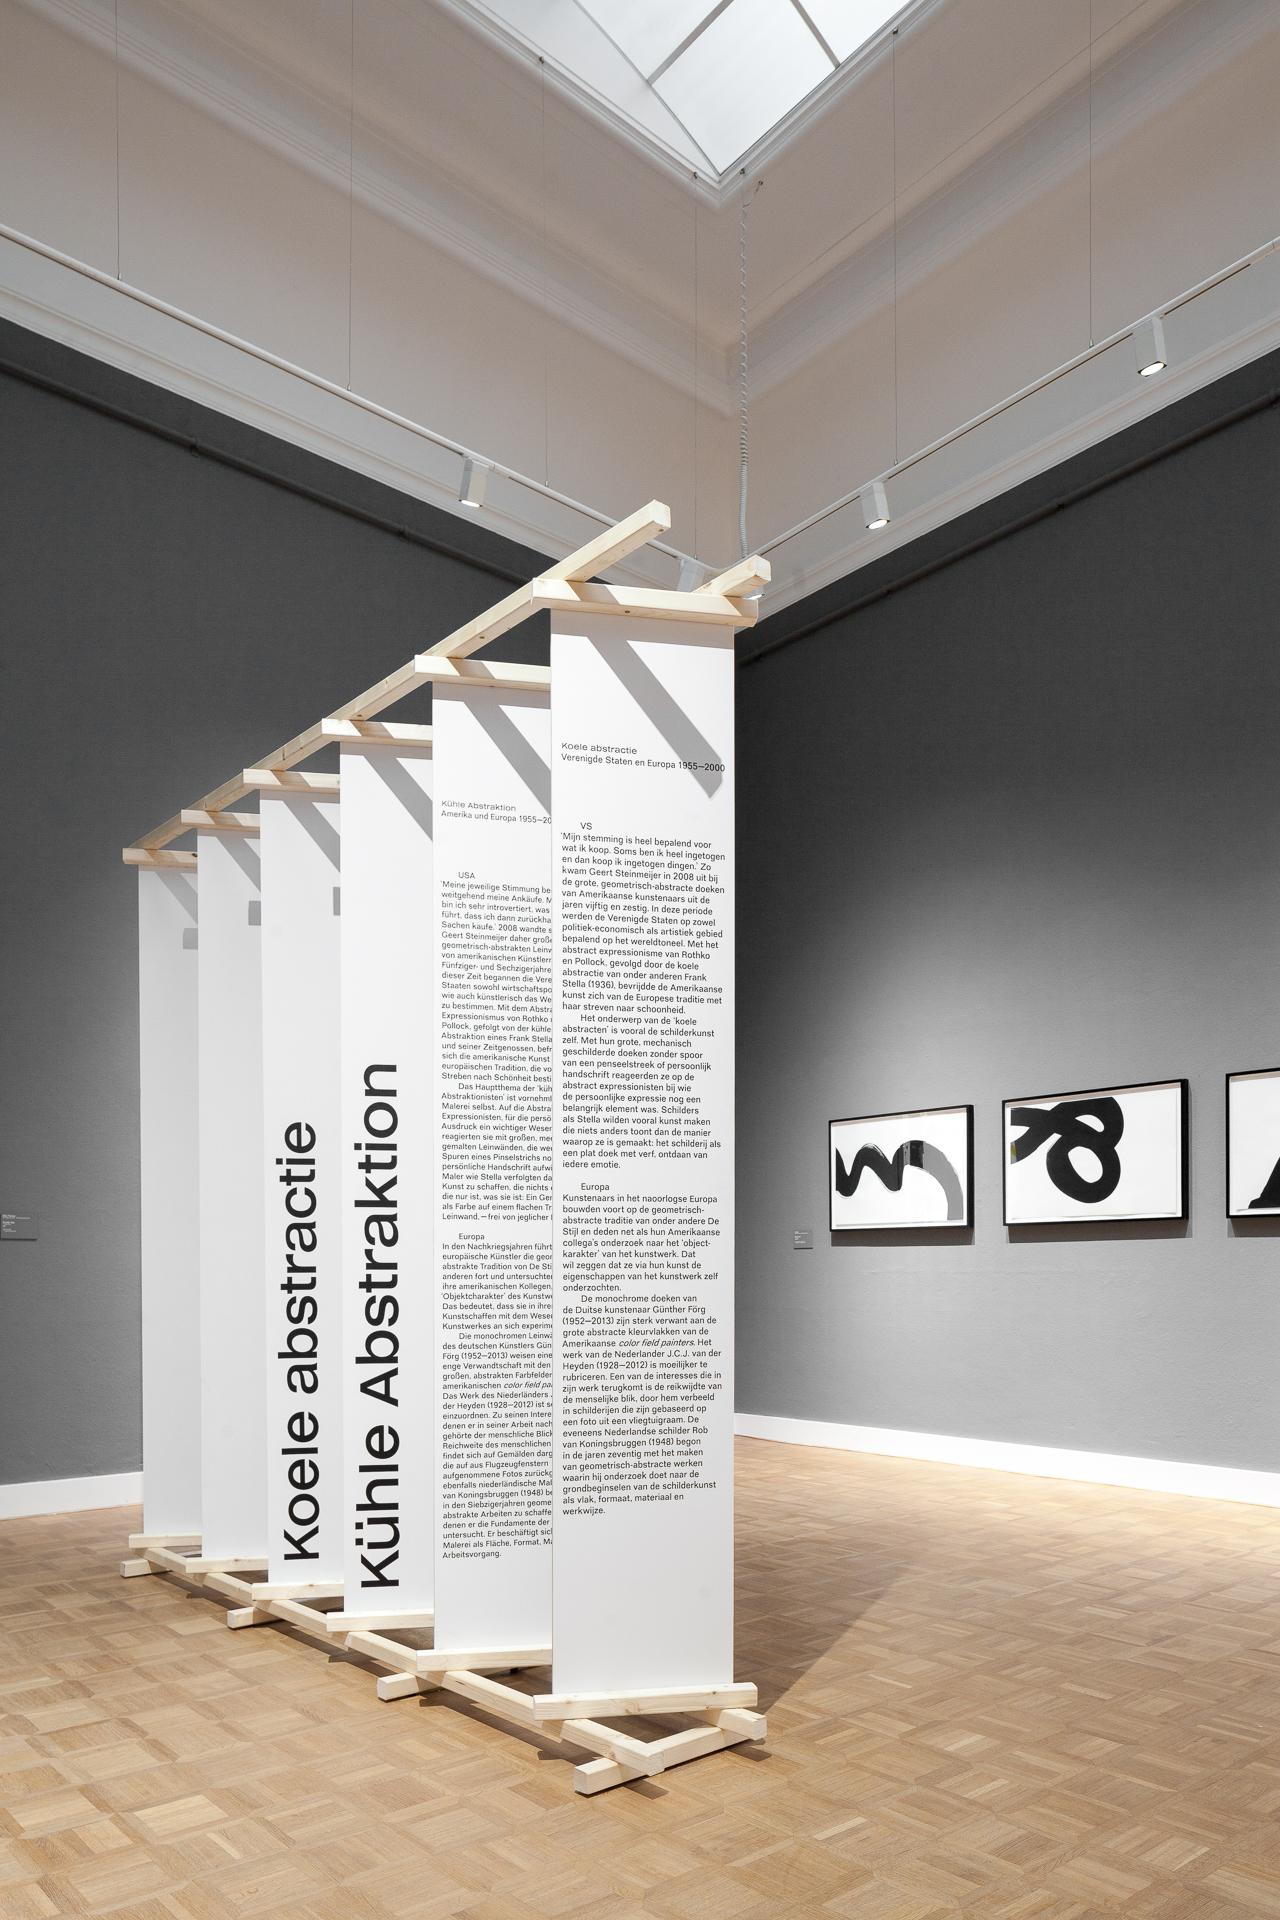 Exhibition design for De Nieuwe Smaak at Rijksmuseum Twenthe.  By Koehorst in 't Veld